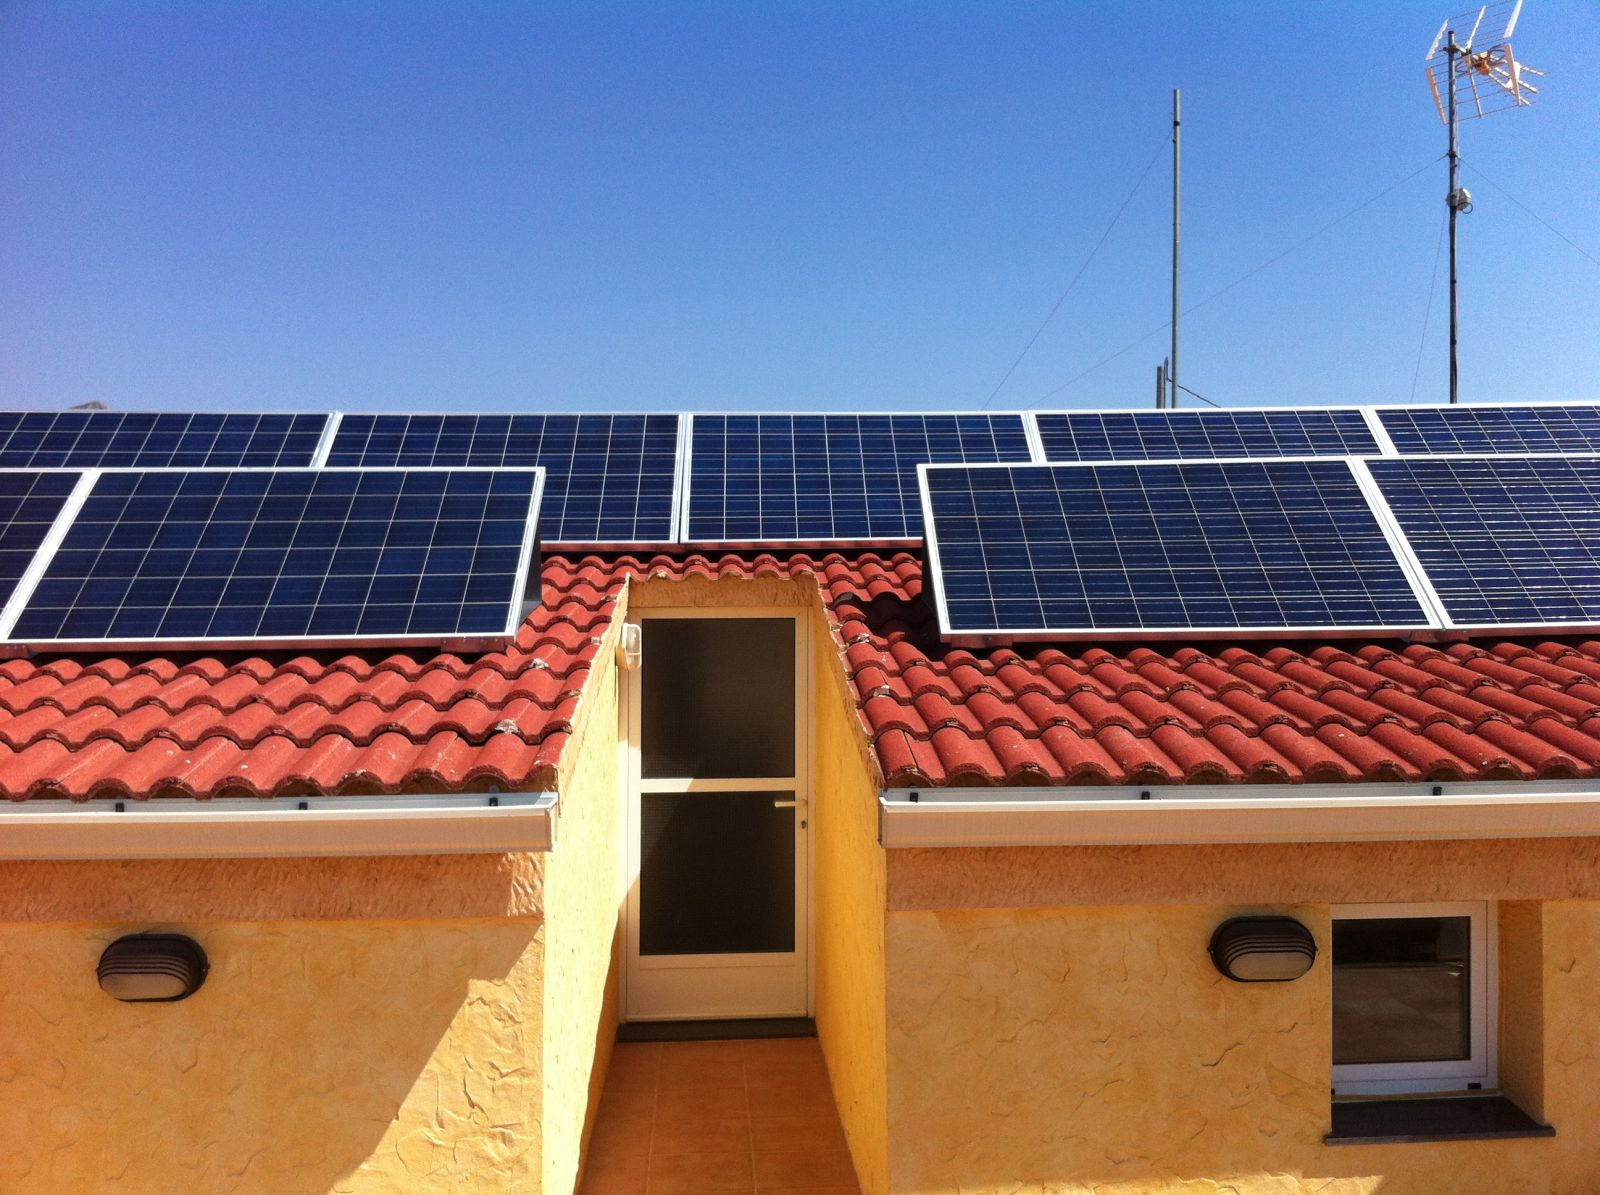 Vivienda con energía solar fotovoltaica